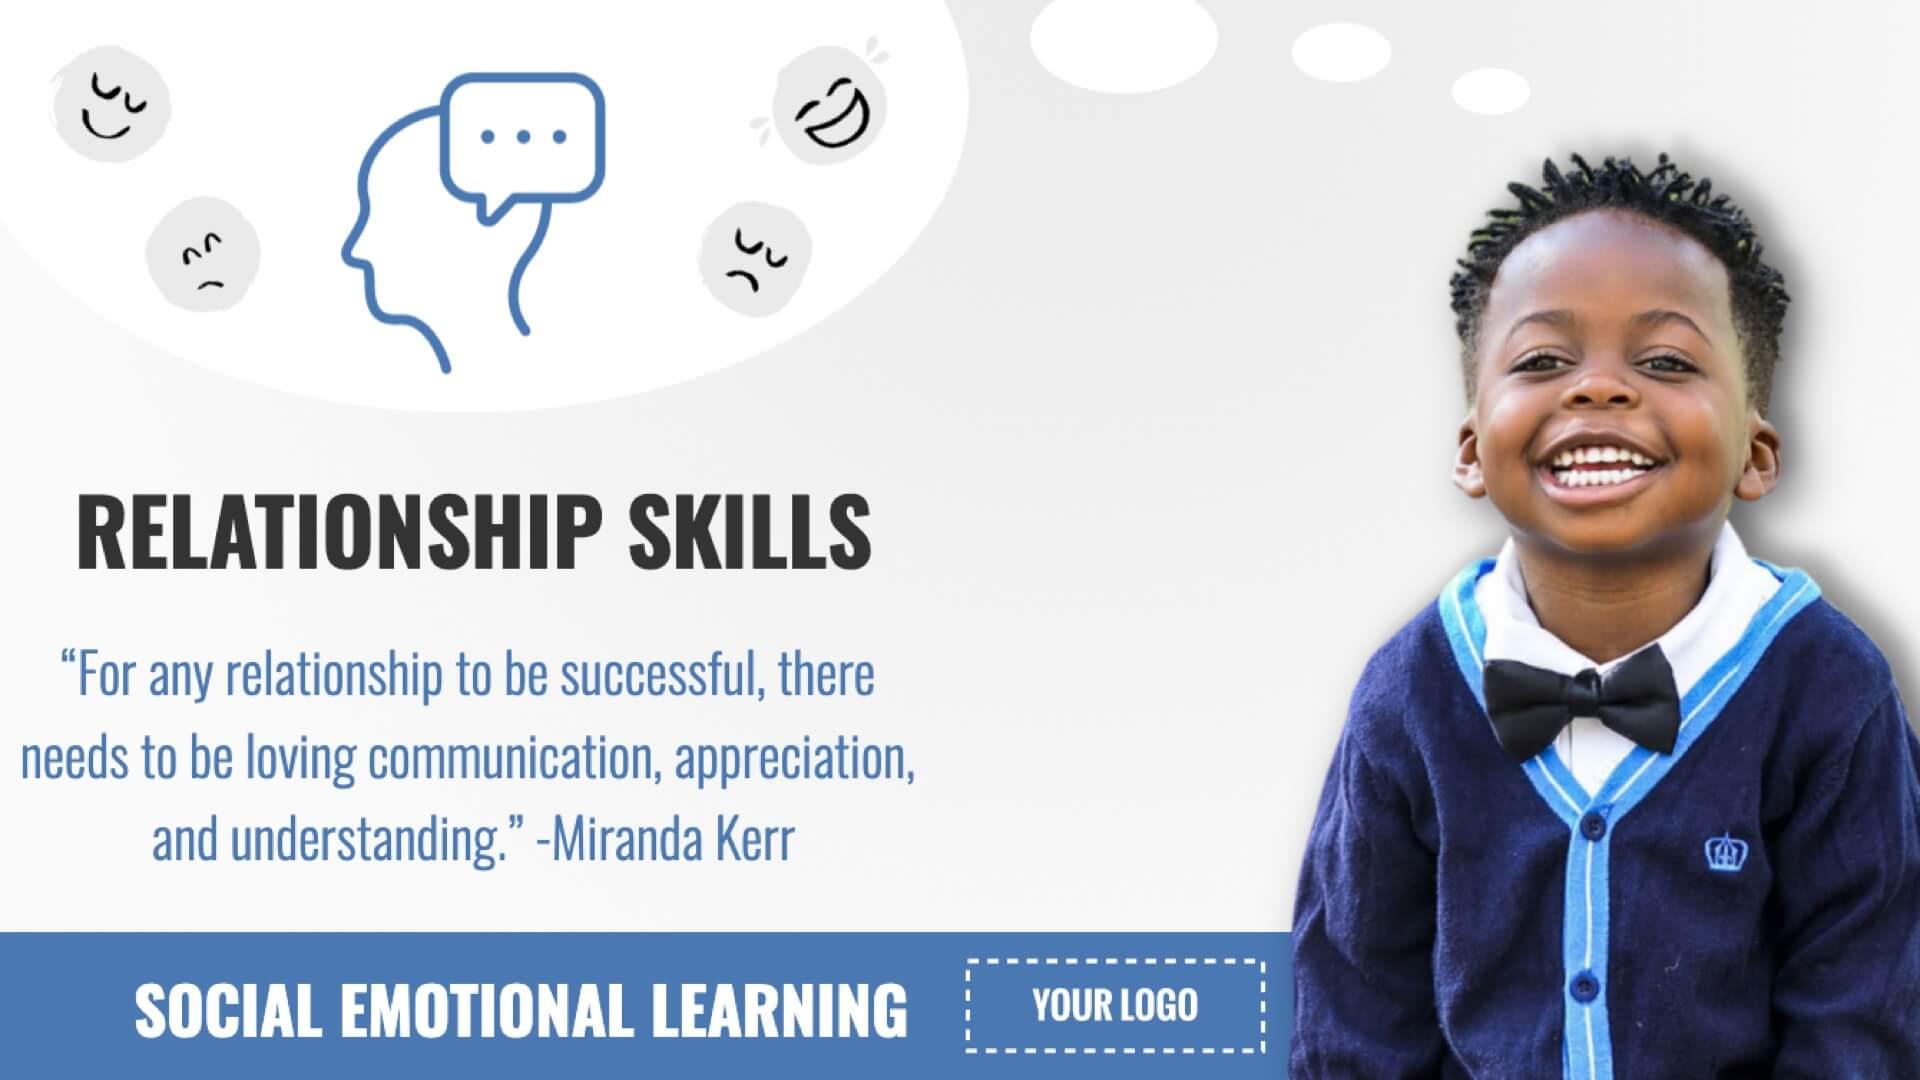 SEL - Relationship Skills Digital Signage Template